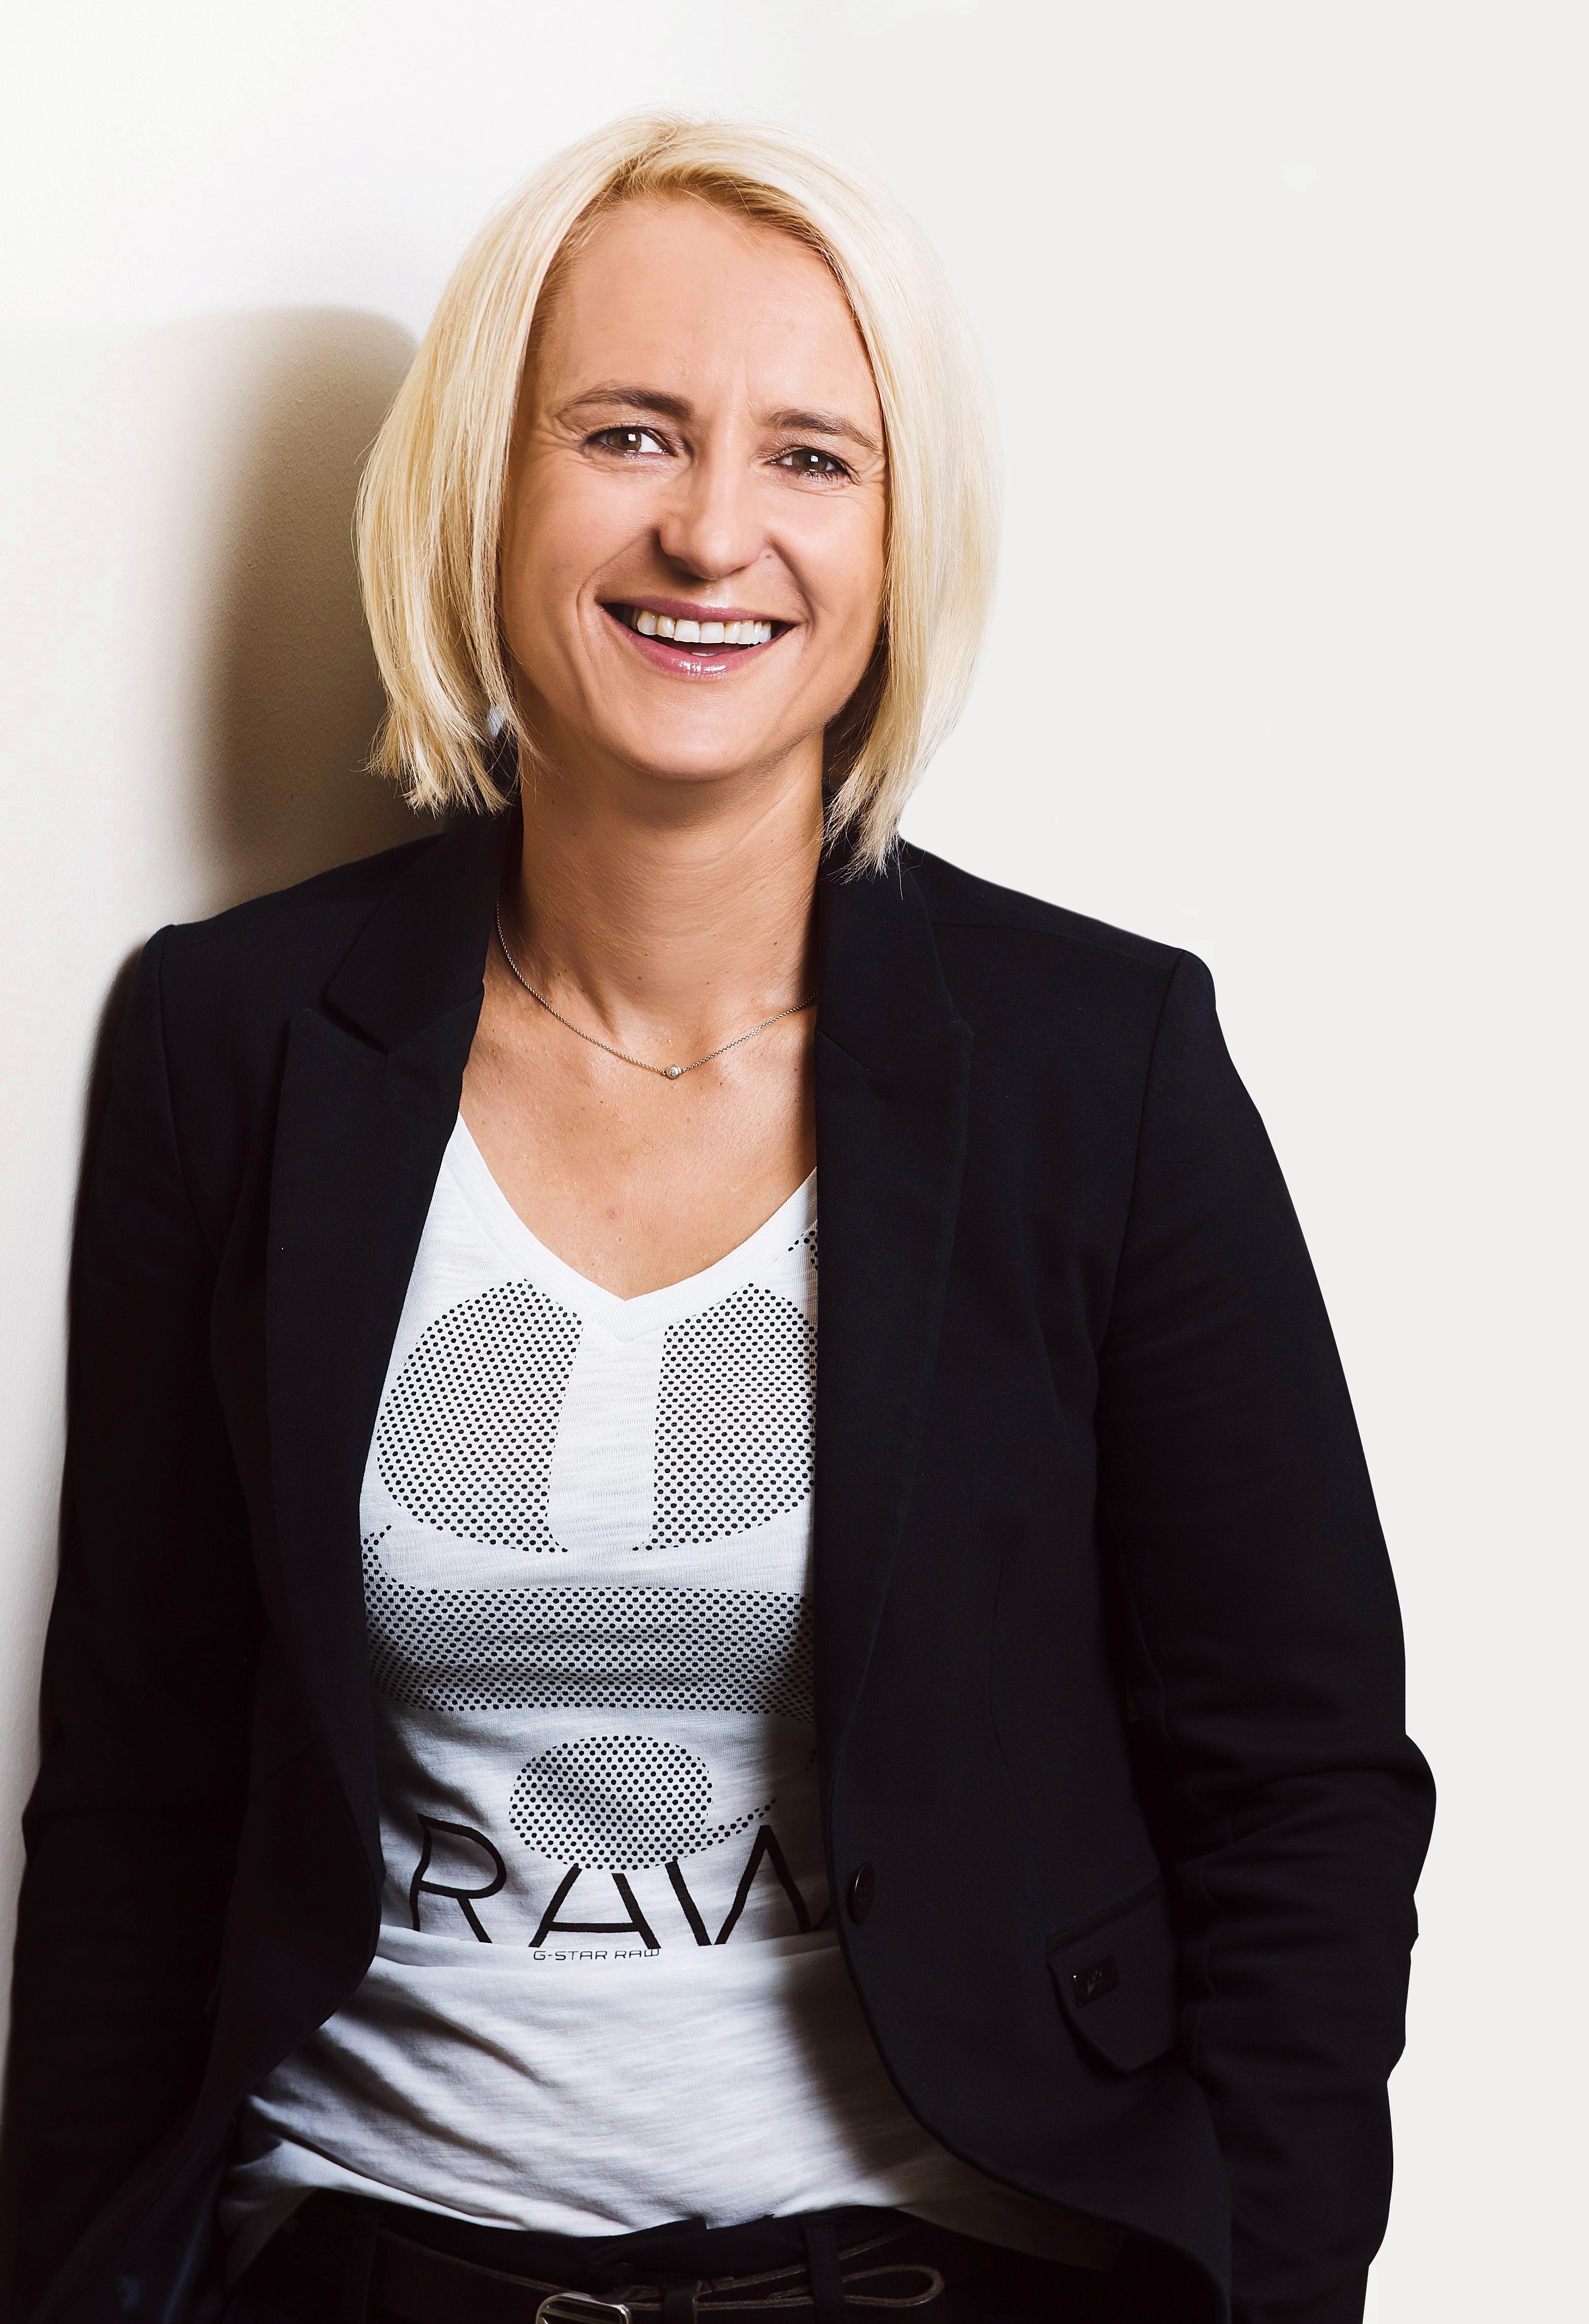 Helga Juffinger Porträt.jpg